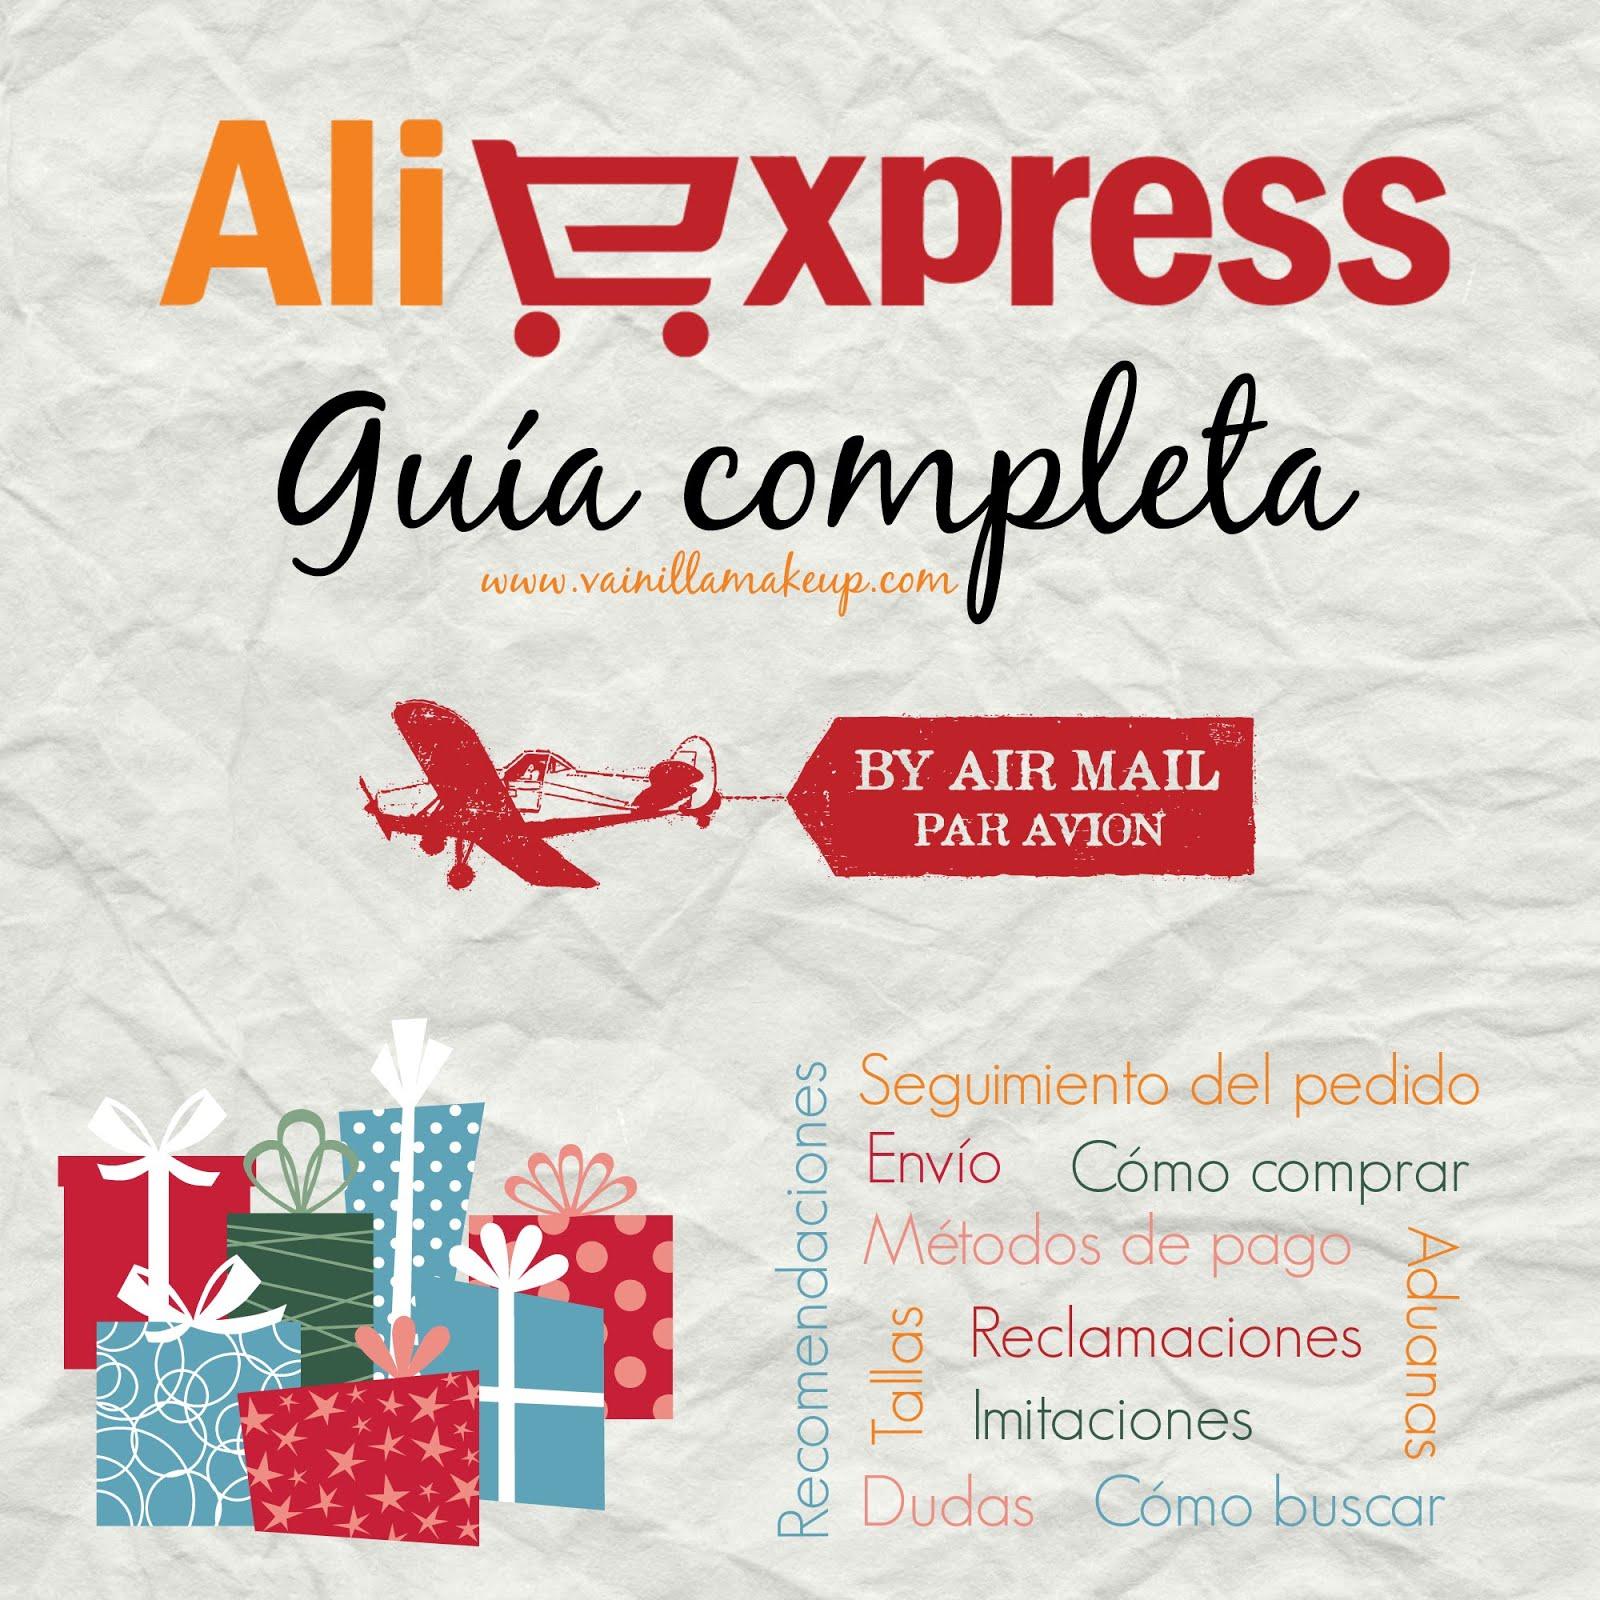 Cómo comprar en Aliexpress